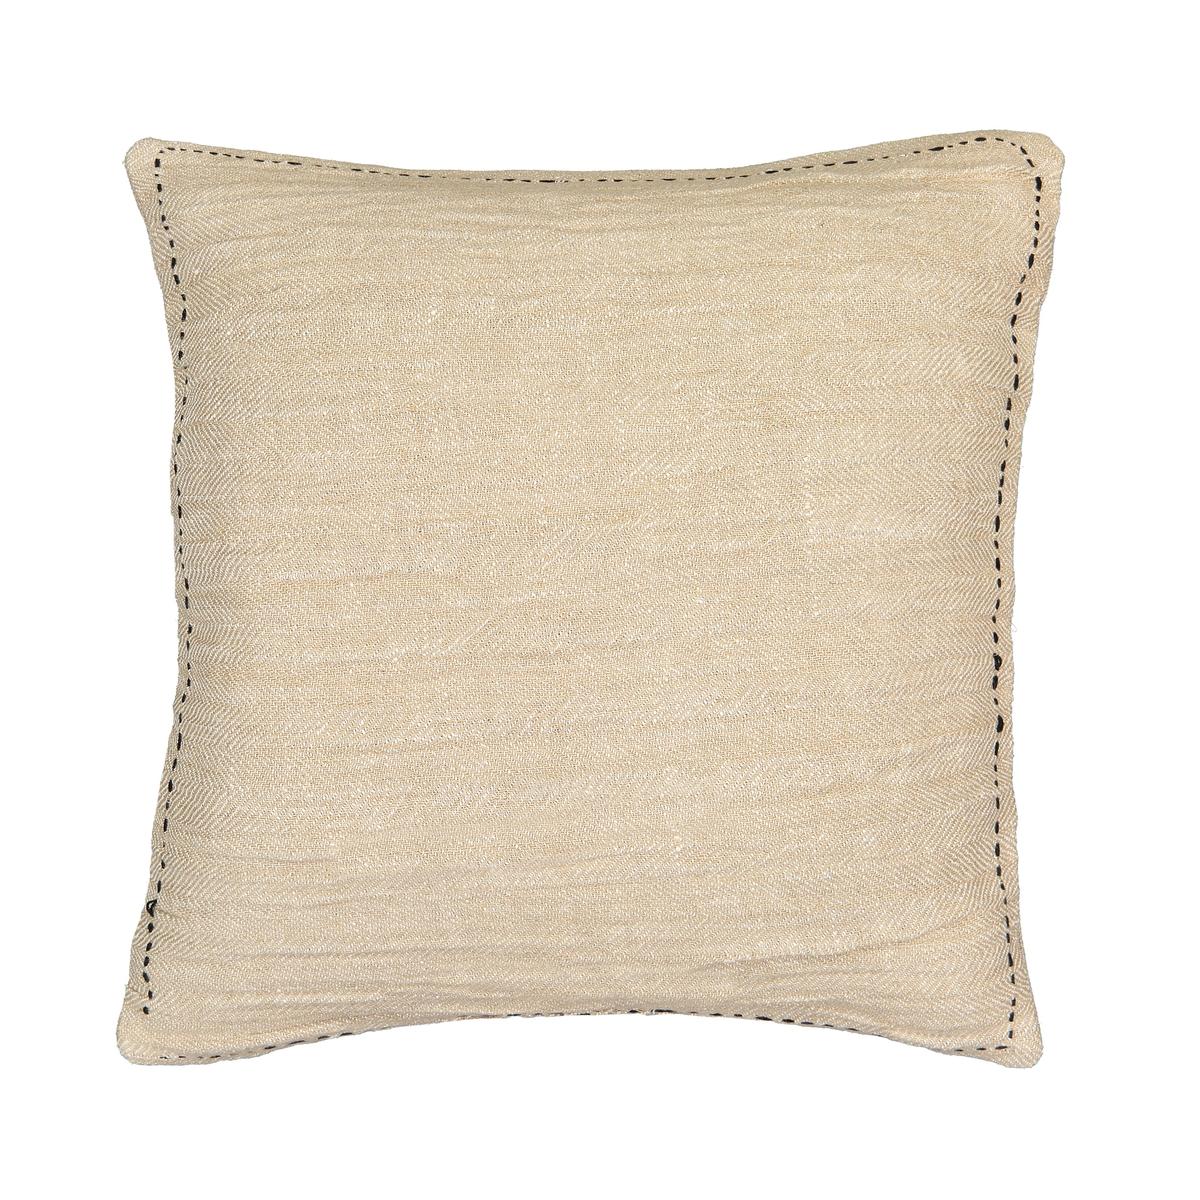 Чехол La Redoute На подушку с рисунком из льна Tasha 45 x 45 см бежевый комплект из салфеток из la redoute льна и хлопка border 45 x 45 см бежевый